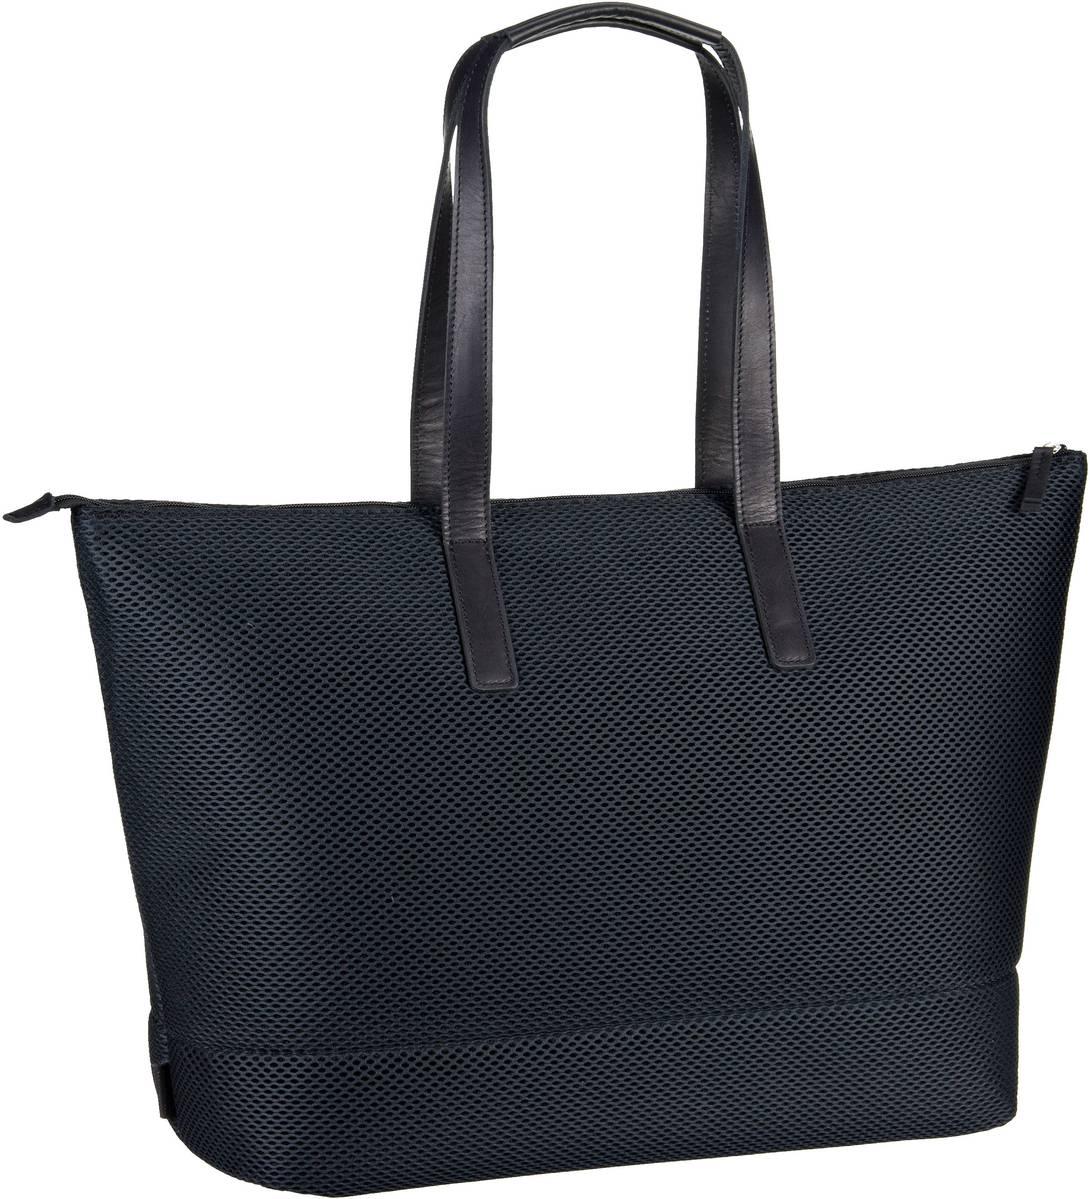 Handtasche Mesh 6183 Shopper Schwarz